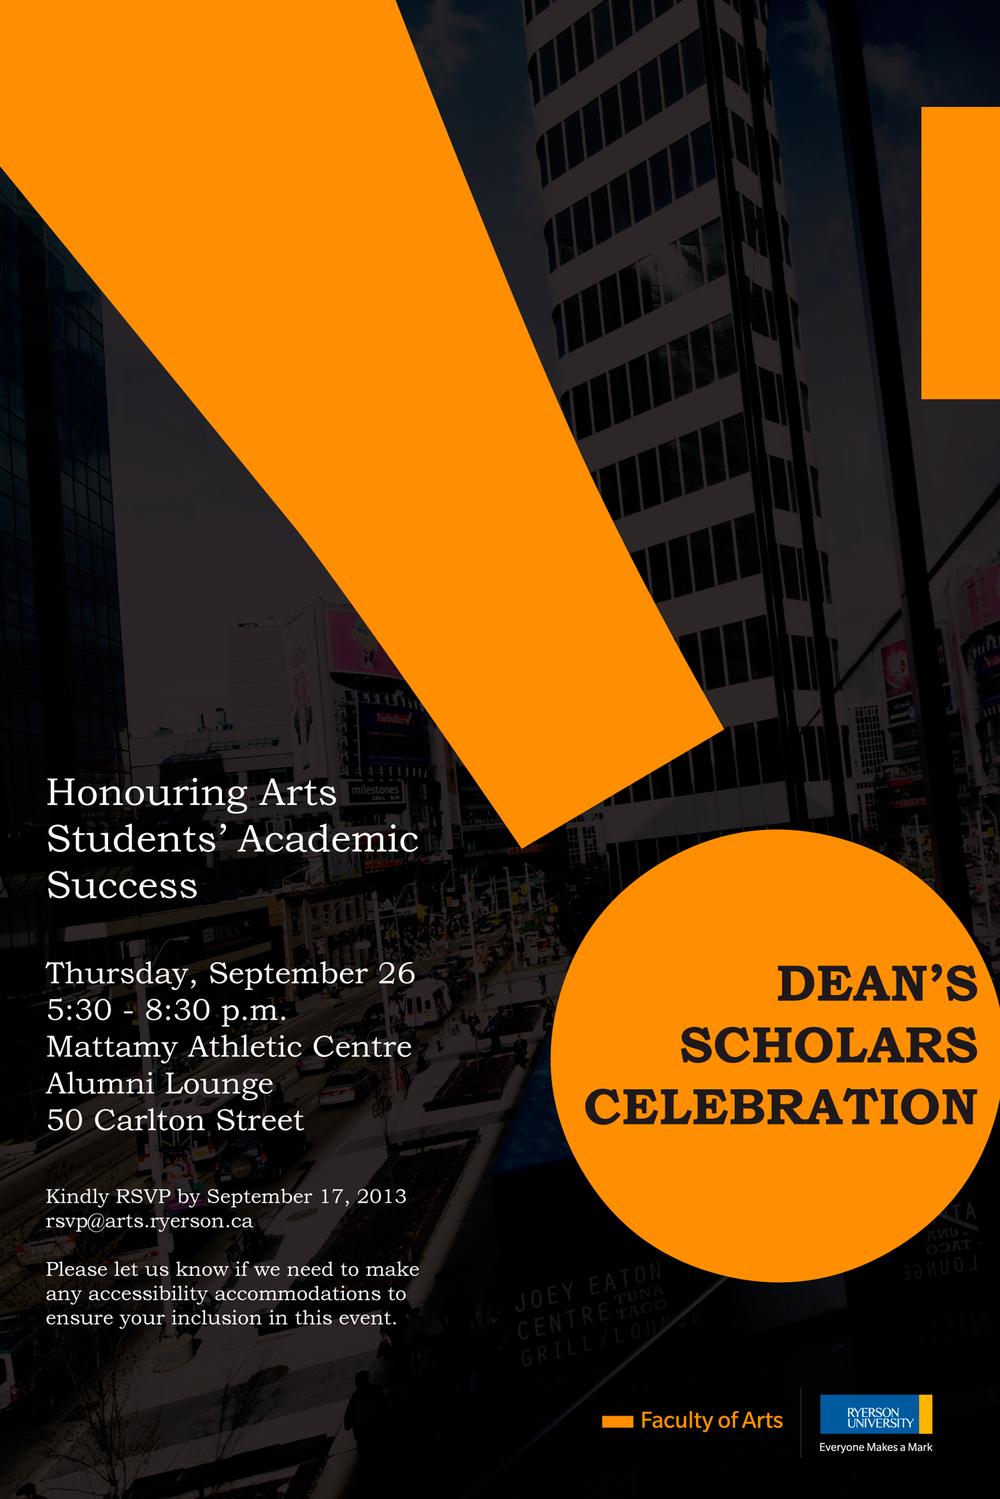 Deans-Scholars-Poster-1-v1.png